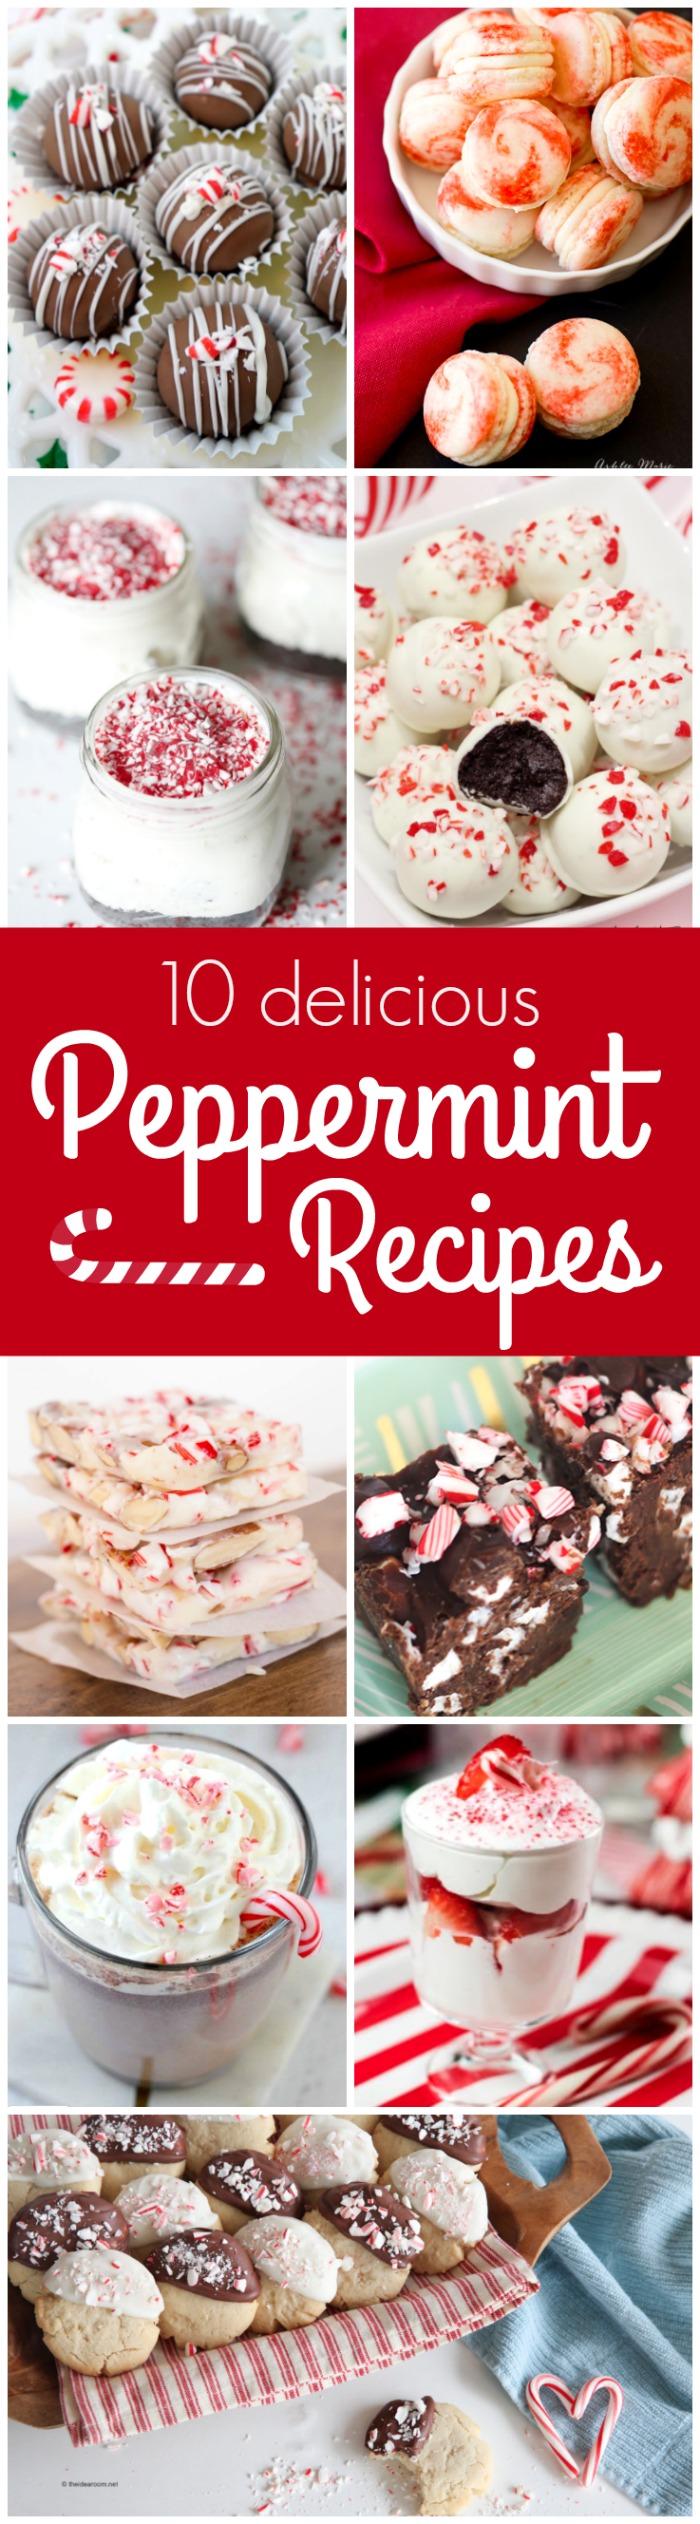 10-peppermint-recipe